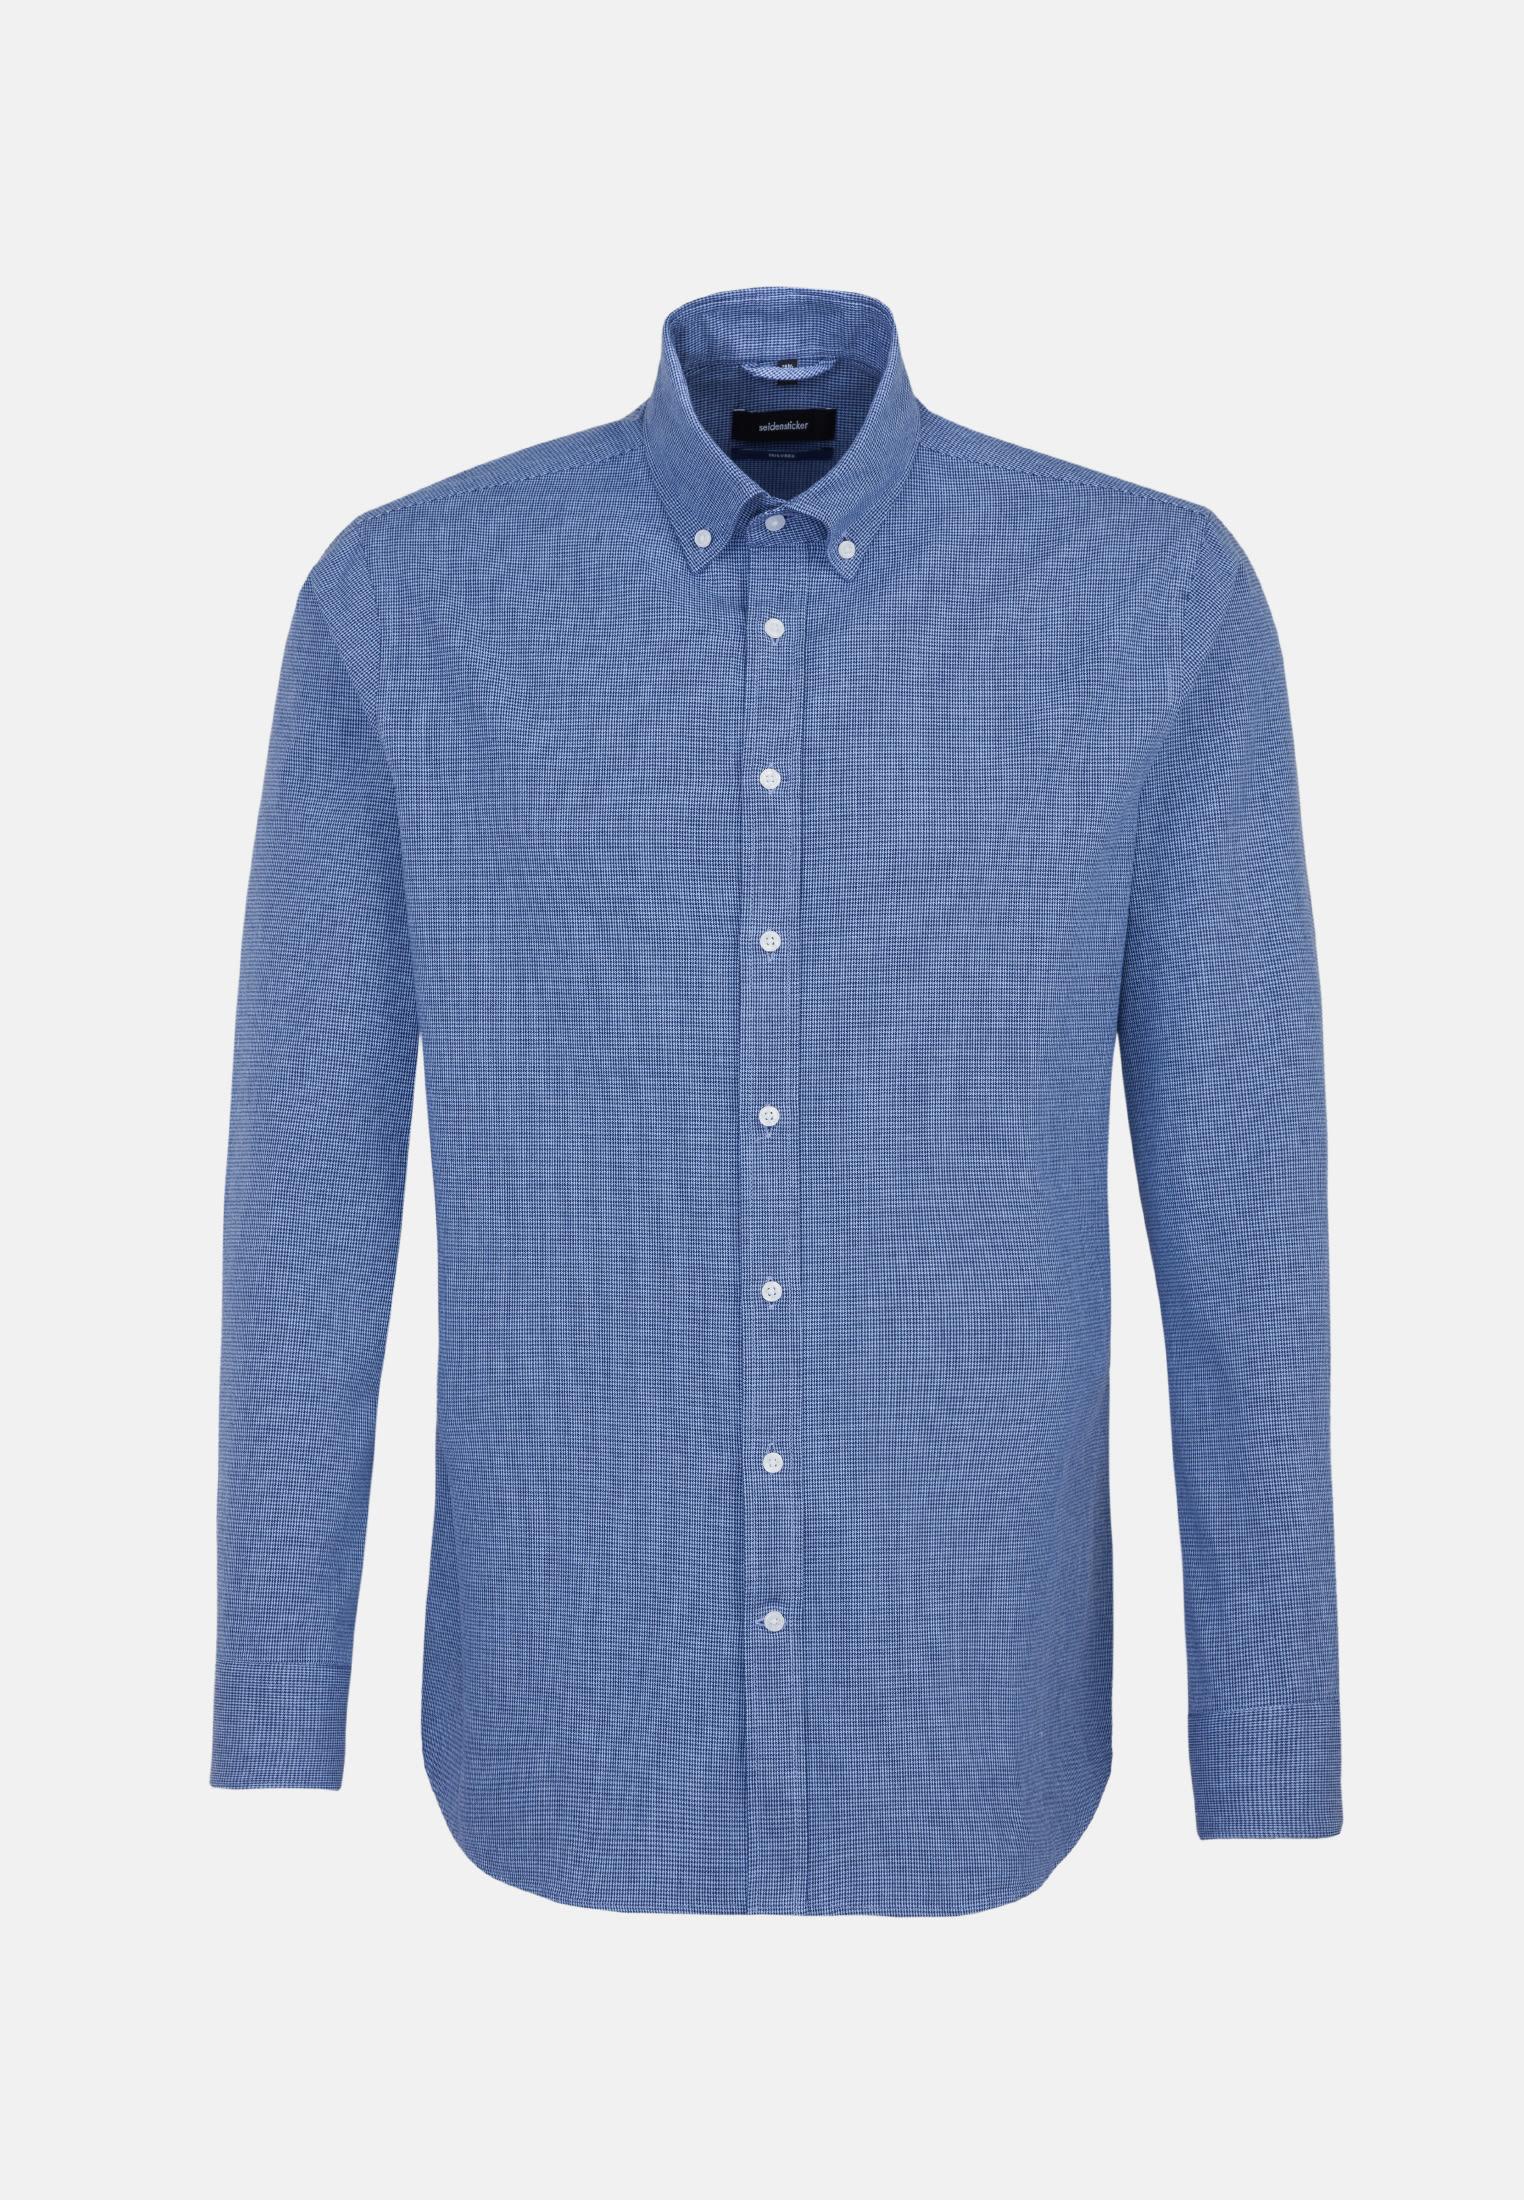 Popeline Business Hemd in Tailored mit Button-Down-Kragen in Dunkelblau |  Seidensticker Onlineshop